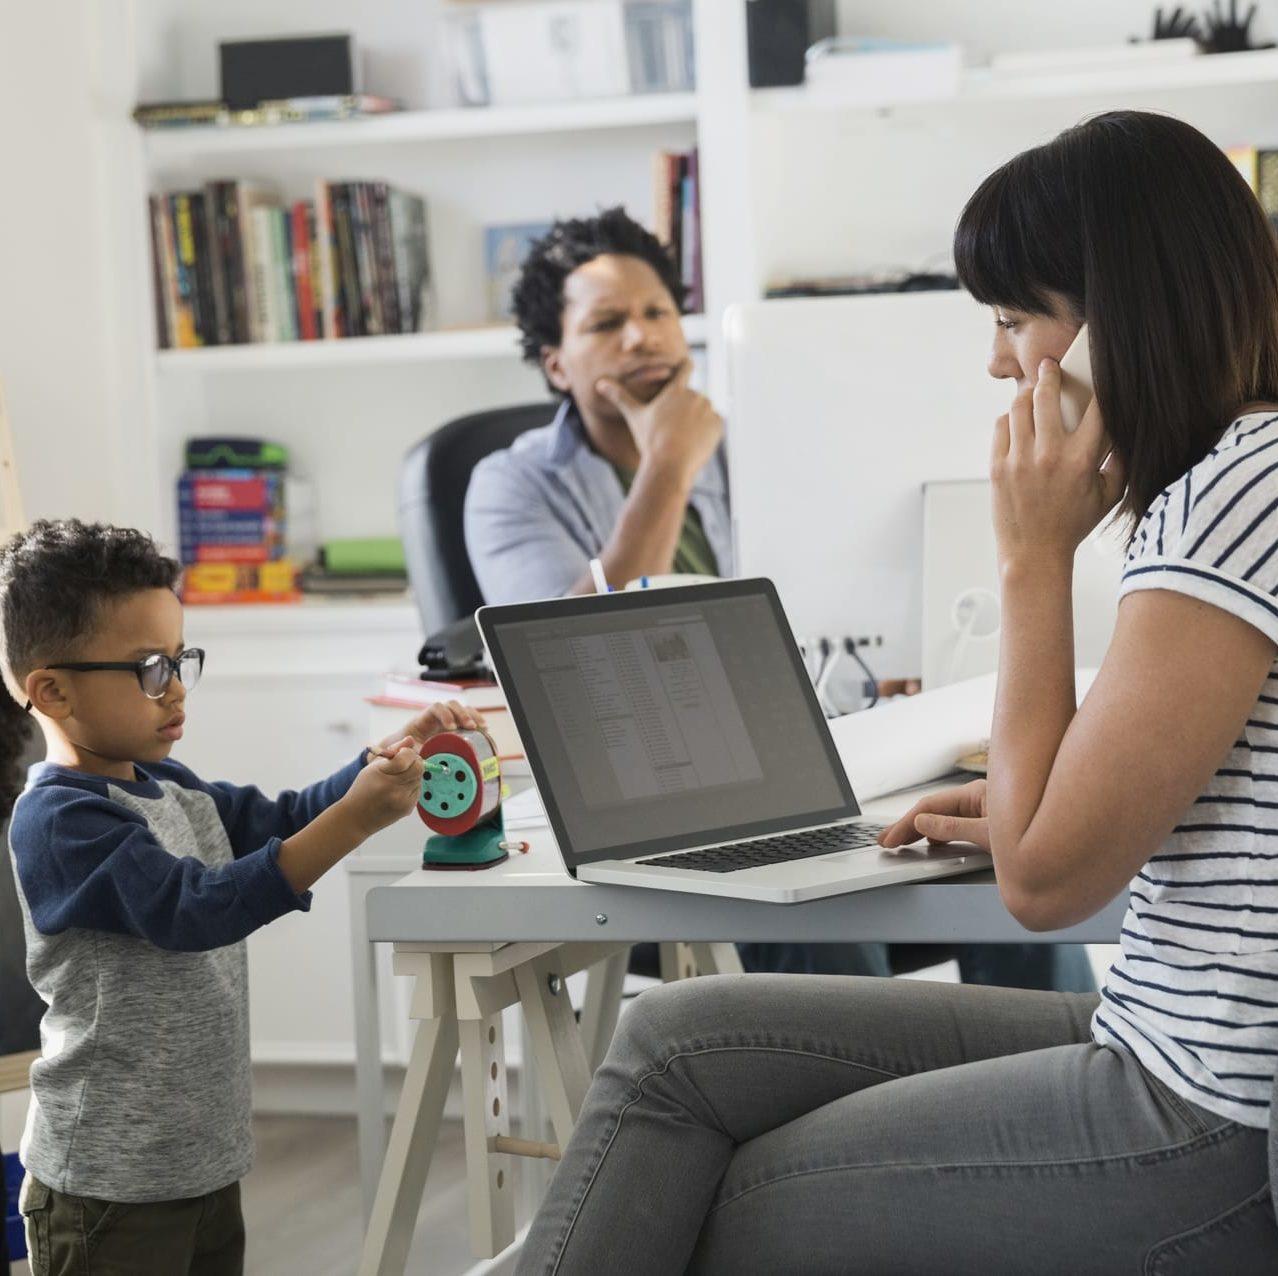 Home office, pandemia e limitações sobrecarregam saúde mental